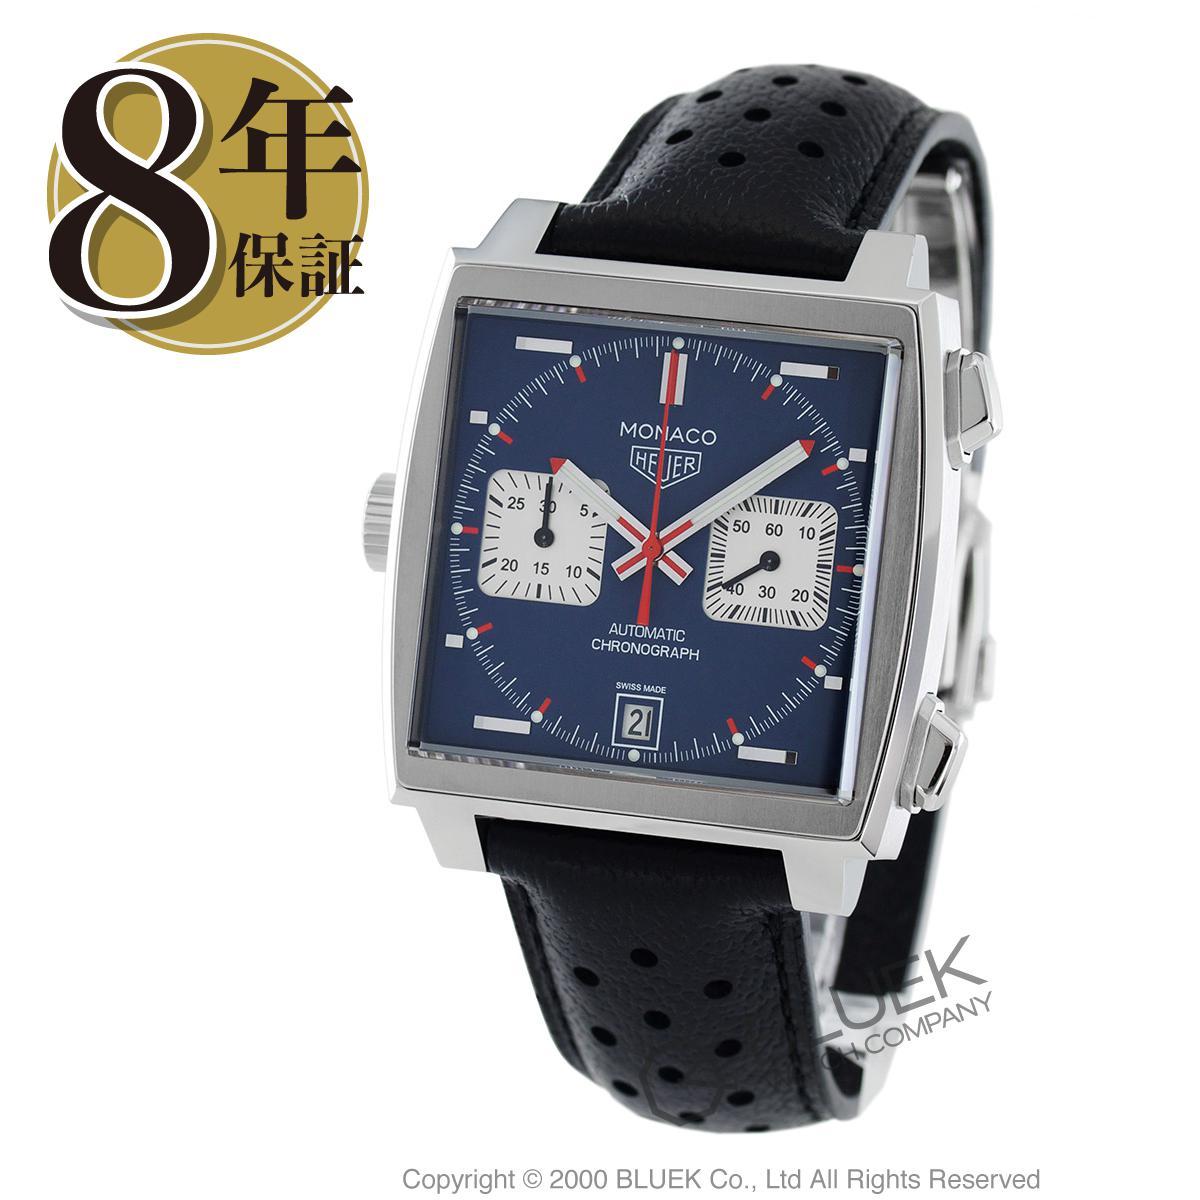 タグホイヤー モナコ クロノグラフ 腕時計 メンズ TAG Heuer CAW211P.FC6356_8 バーゲン 成人祝い ギフト プレゼント